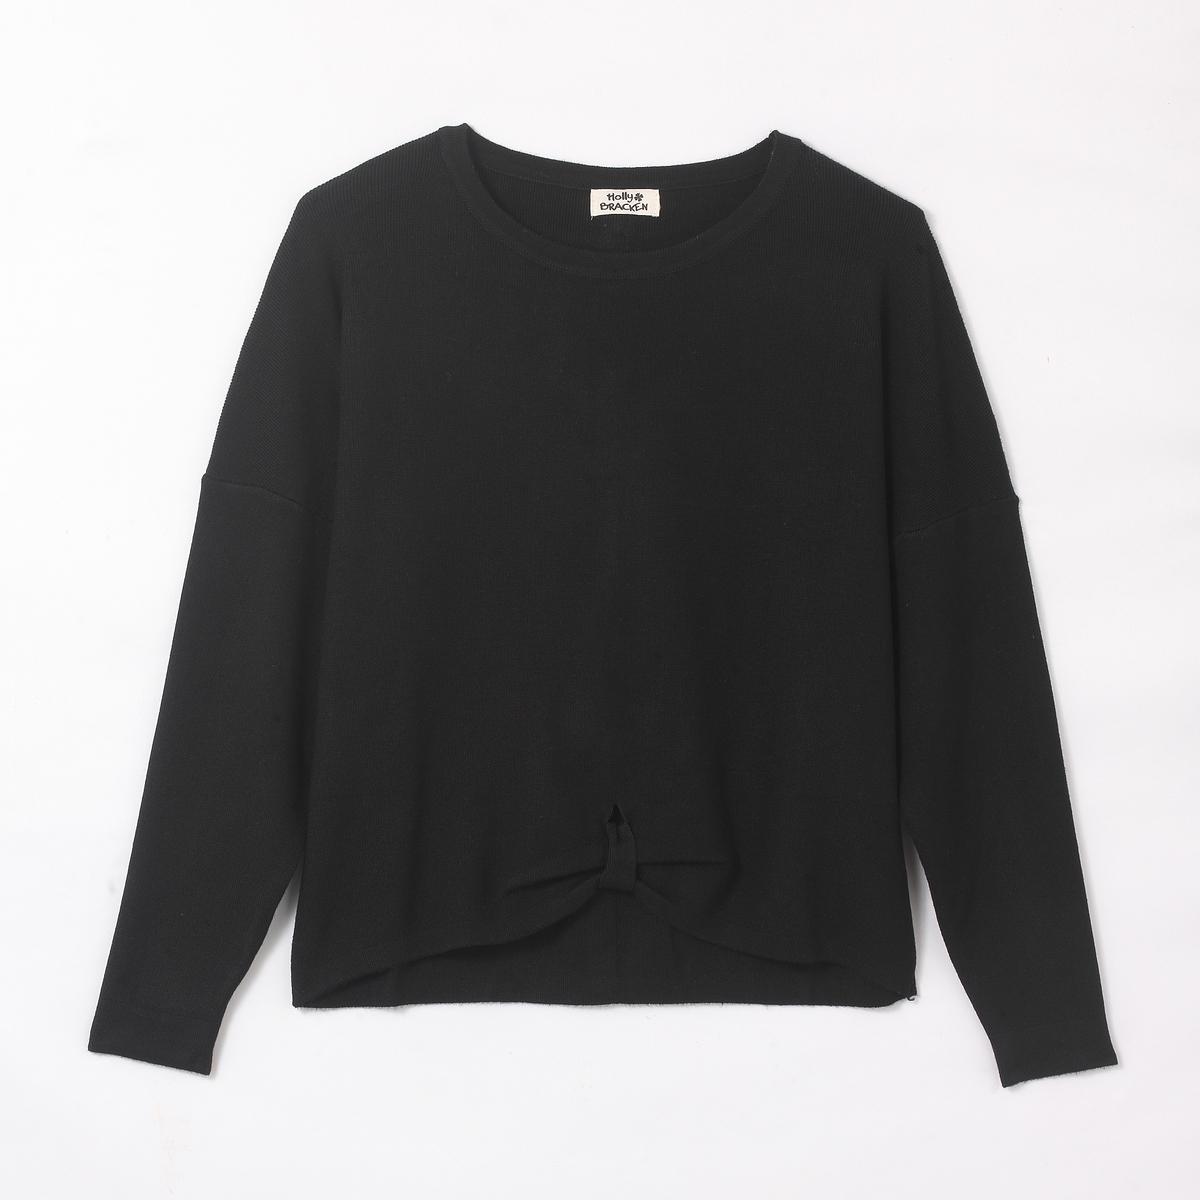 Пуловер на завязке с расклешенными рукавамиСостав и описаниеМарка : MOLLY BRACKENМатериал : 90% хлопка, 10% эластанаУходМашинная стирка при 30 °CСтирать с вещами схожих цветов<br><br>Цвет: черный